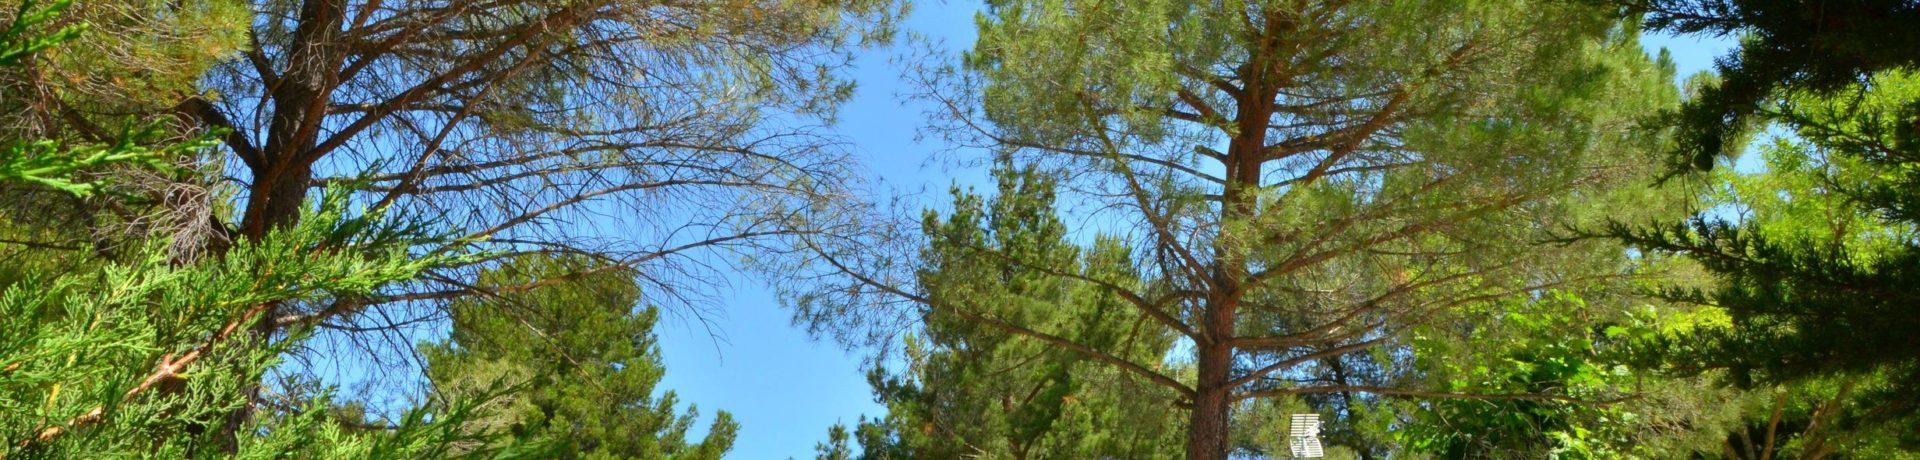 Camping Sainte-Victoire is een in de omgeving van Beaurecueil, Bouches-du-Rhône in Provence-Alpes-Côte d'Azur gelegen op het platteland.